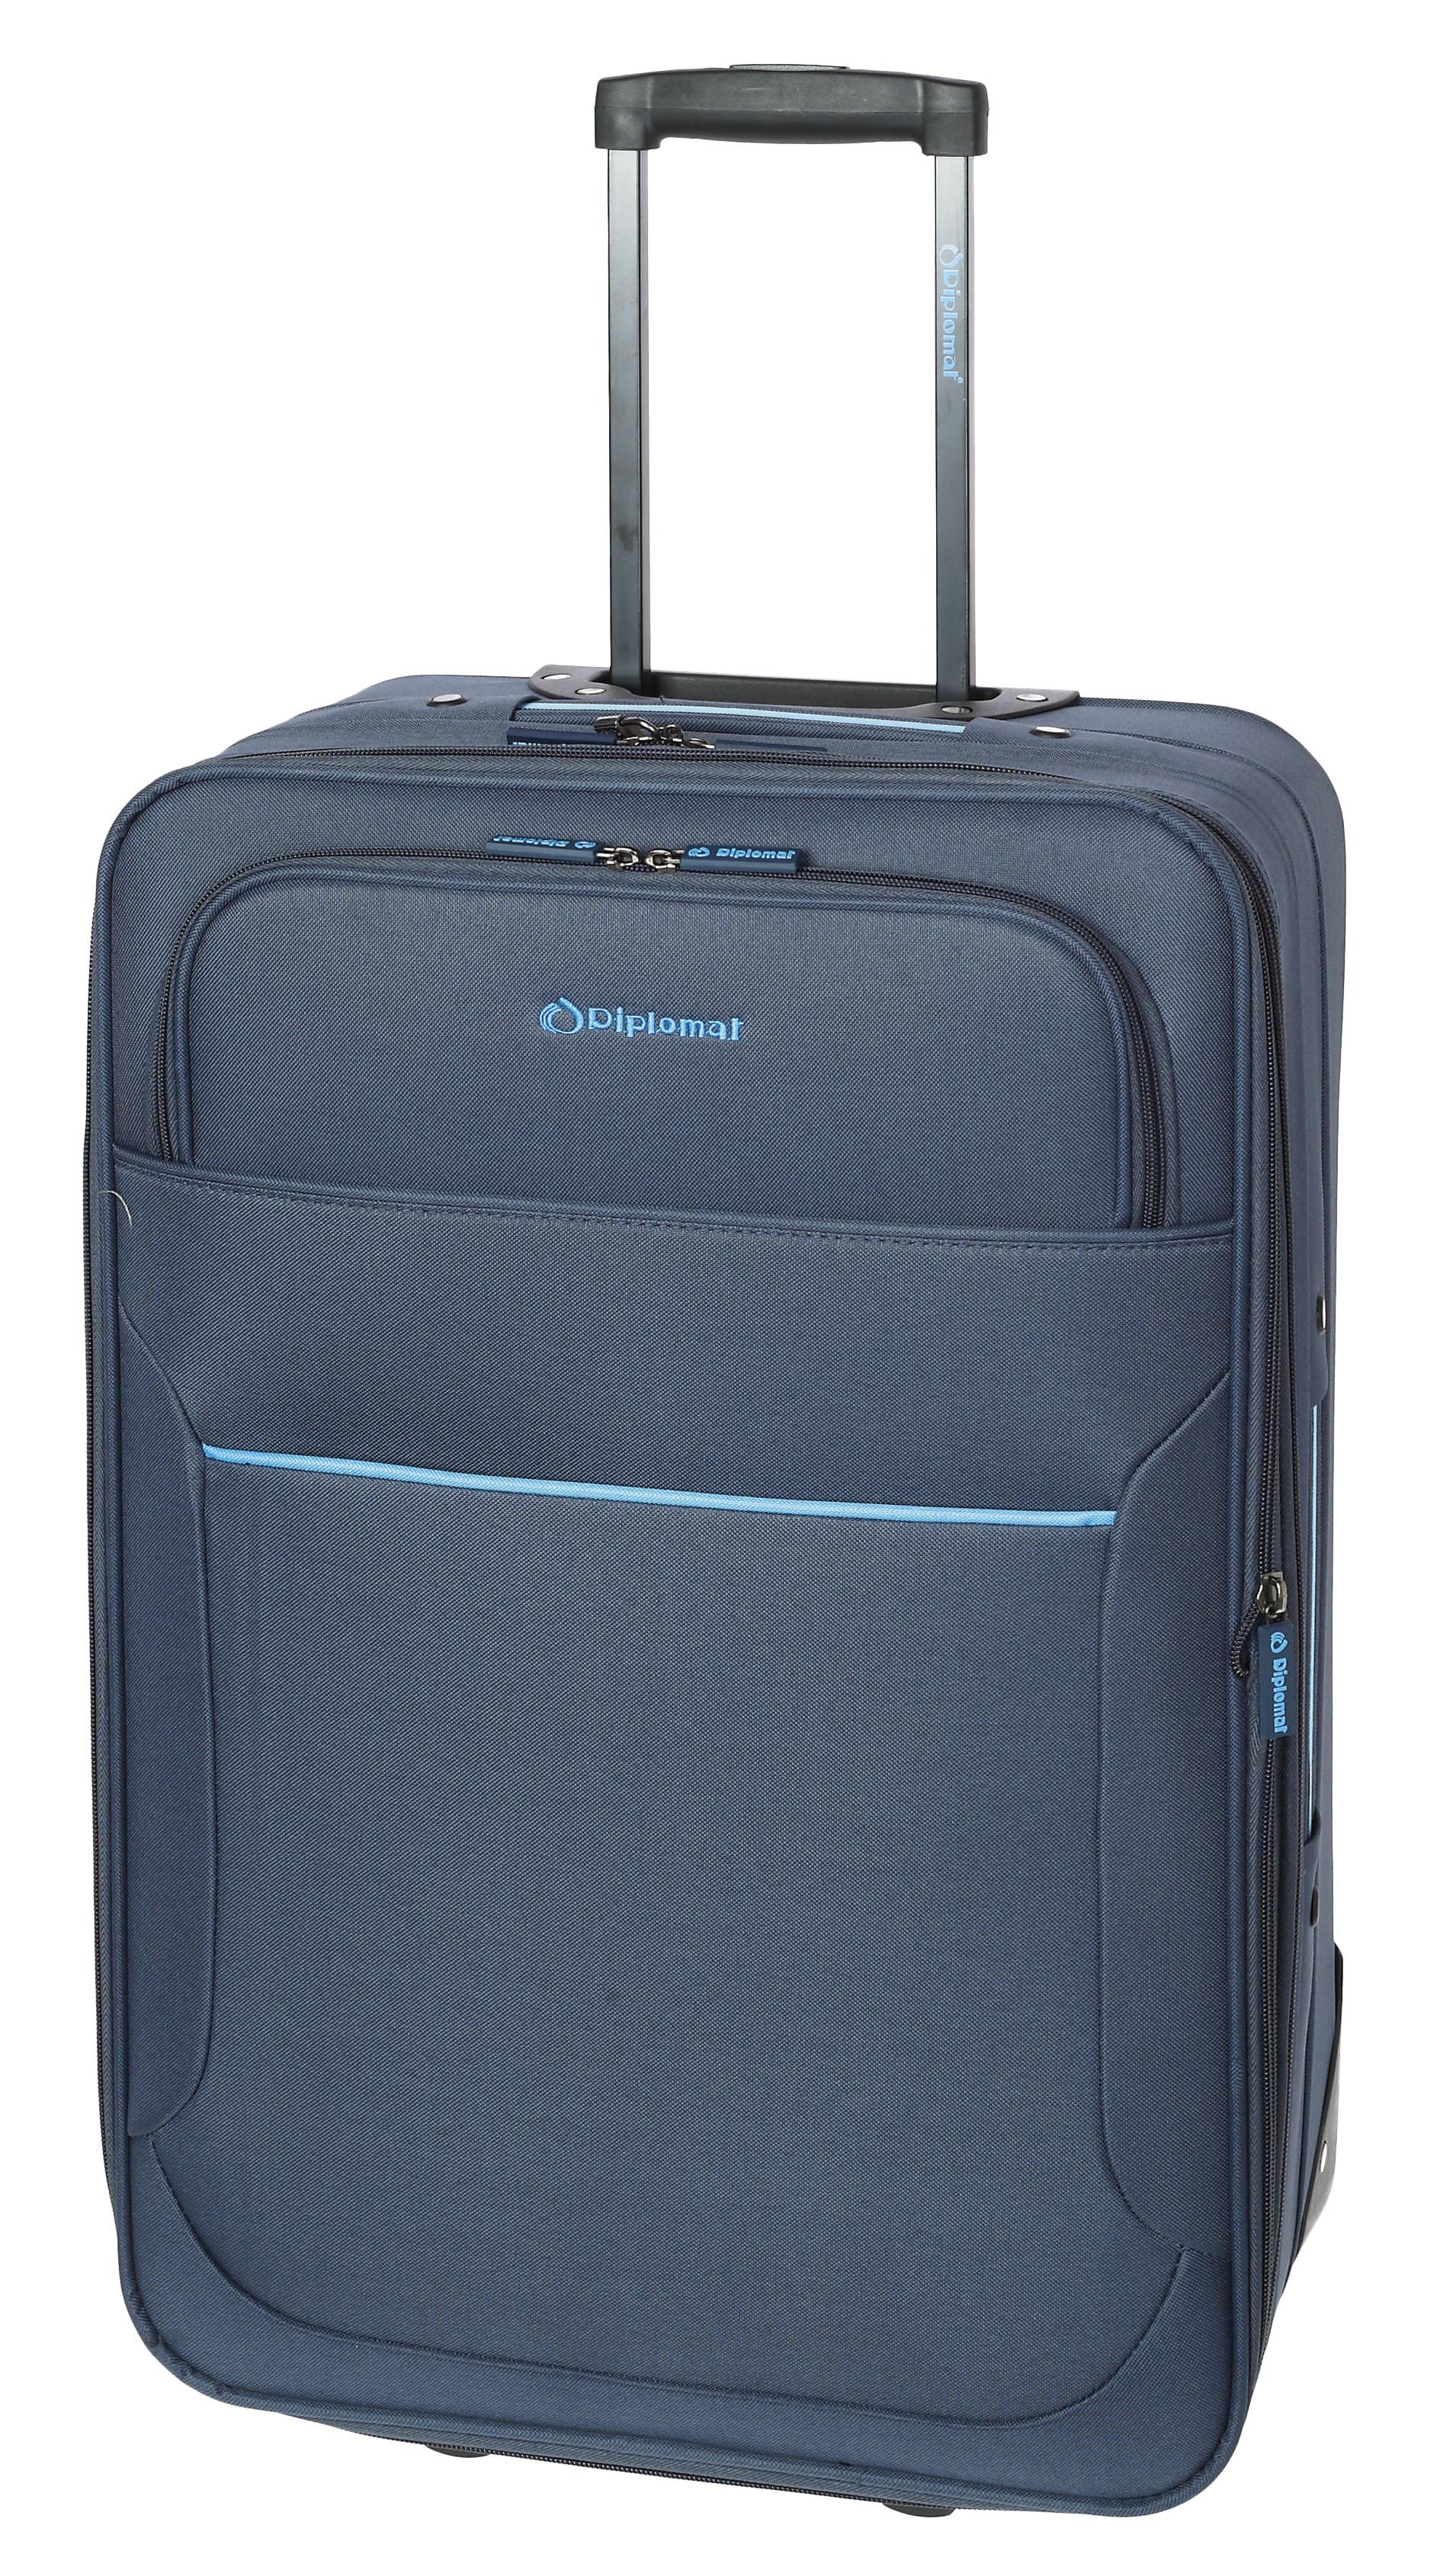 Βαλίτσα τρόλεϊ 61εκ. Diplomat ZC 3001-61 Μπλε ειδη ταξιδιου   βαλίτσες   βαλίτσες   βαλίτσες μεσαίου μεγέθους